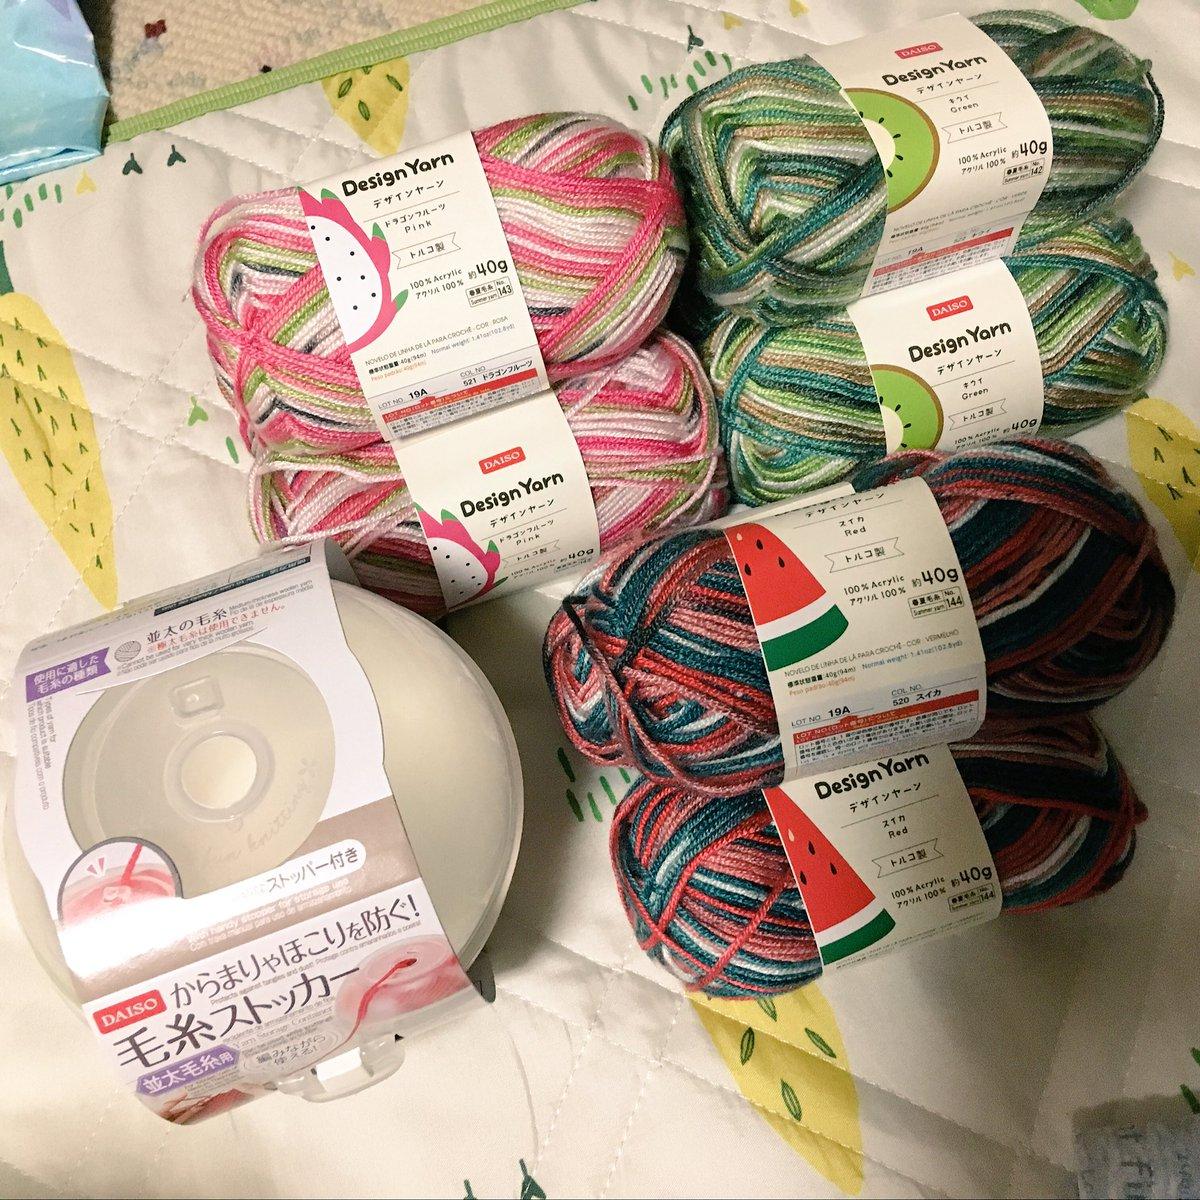 test ツイッターメディア - #ダイソー #デザインヤーン 見つけました!というか欲しくて探しに行きました😜3玉ずつ買ってみたよ。あと毛糸ストッカーなるものも気になって購入。今編んでるOpalは入らないけど、今度使ってみよう。 https://t.co/zpduIQSM1l